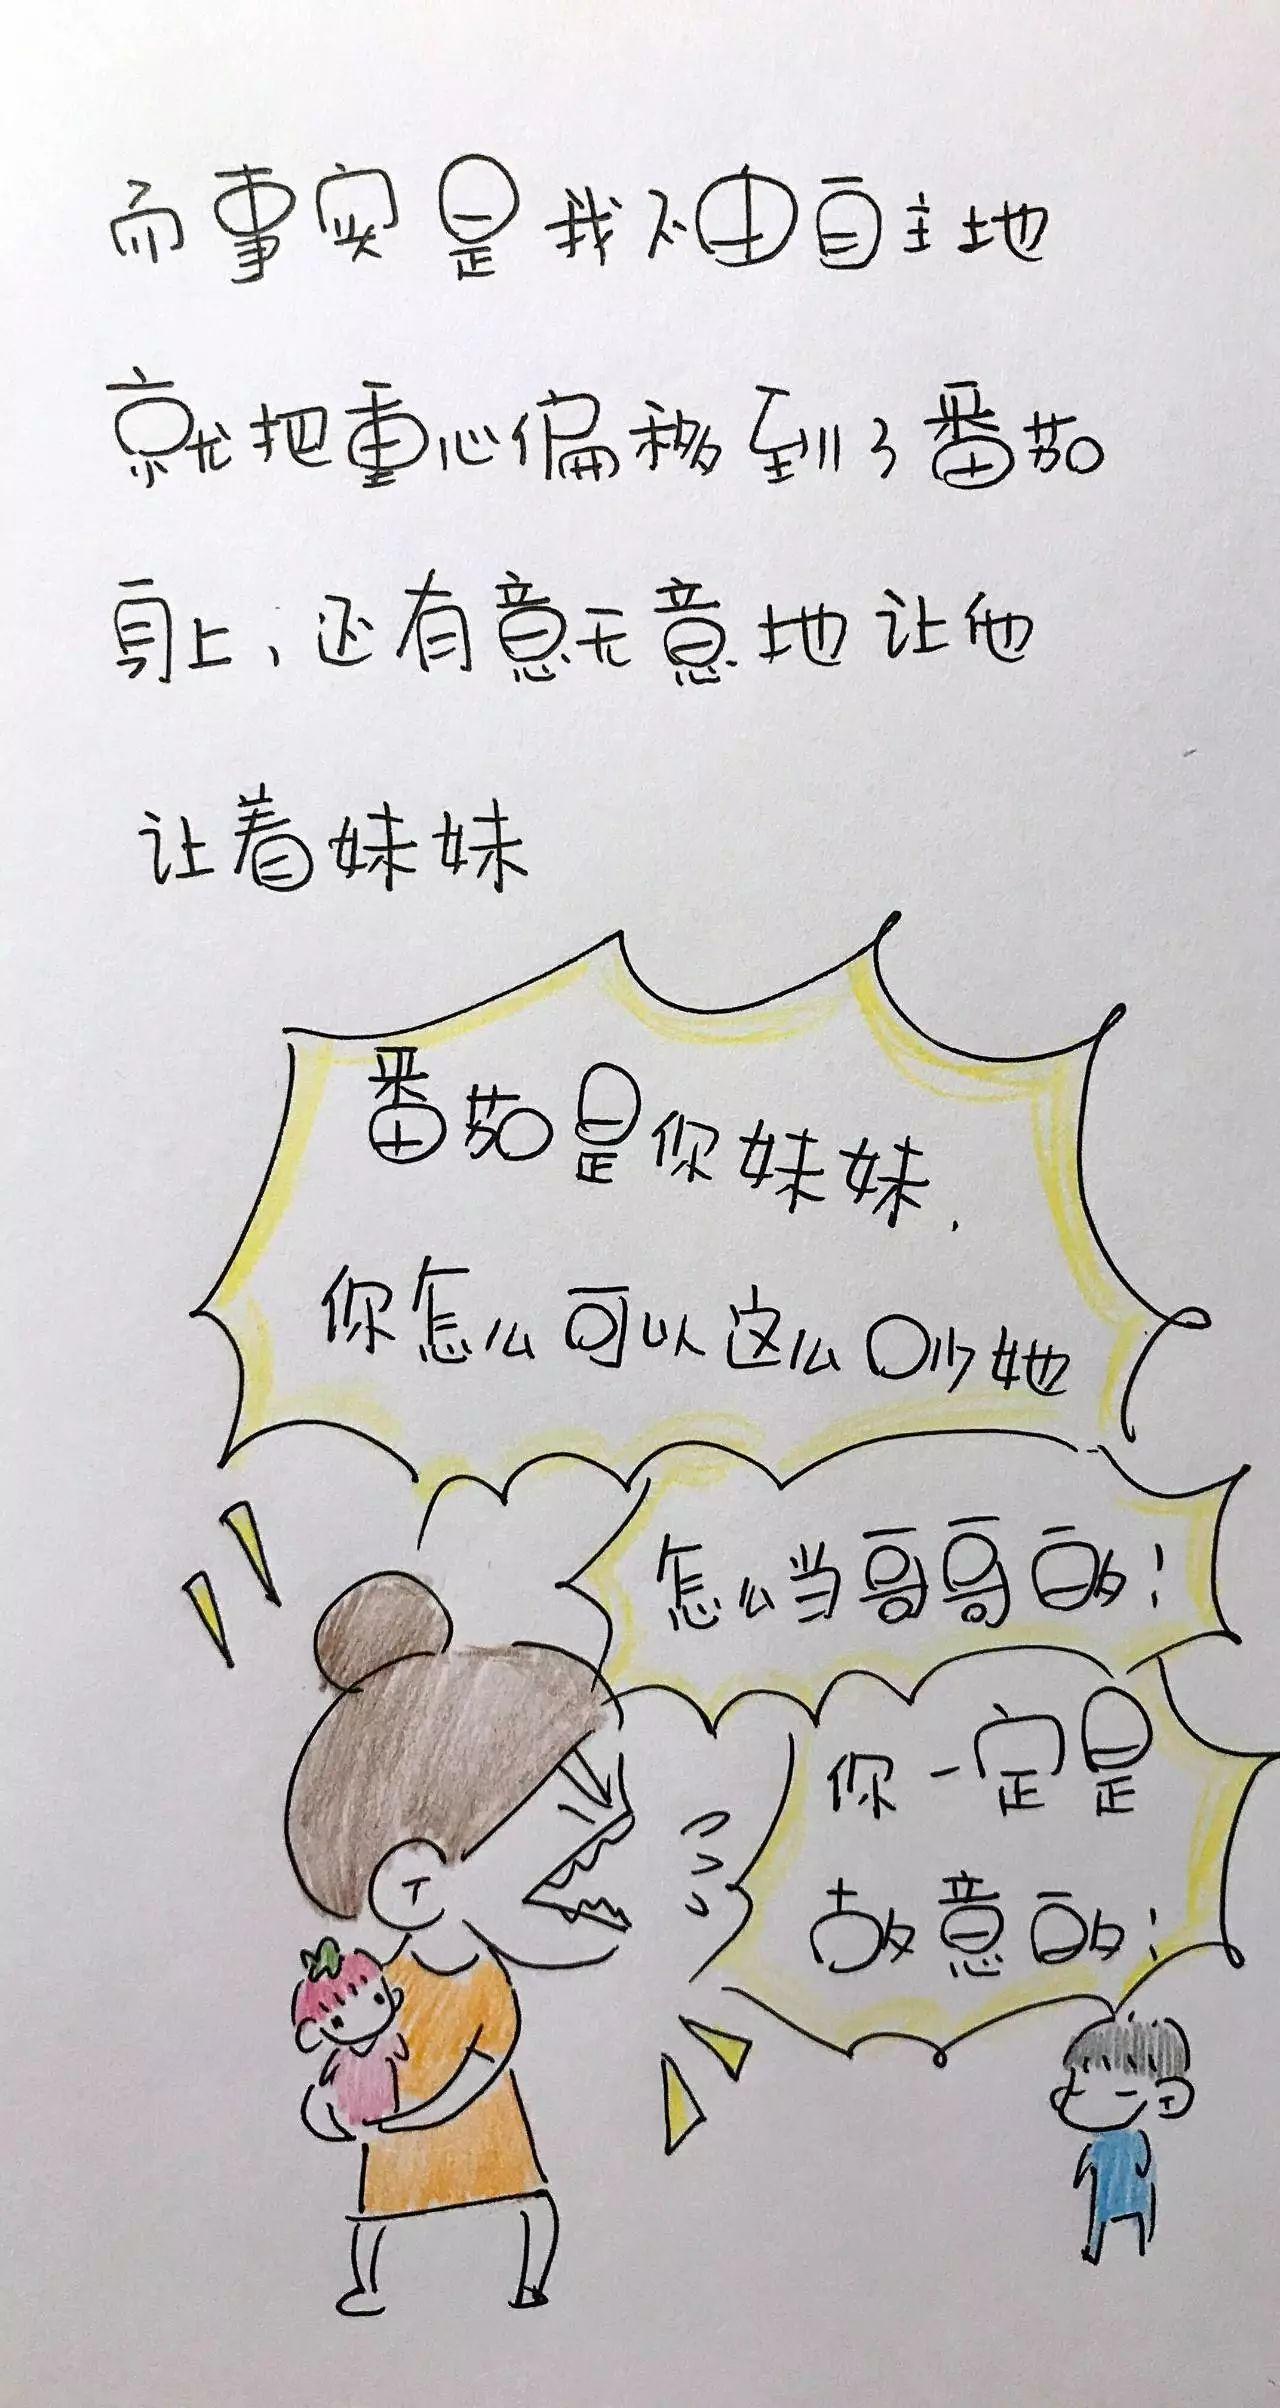 郑州部分高校期末停电,大学生转战网吧复习!网友:求生欲很强